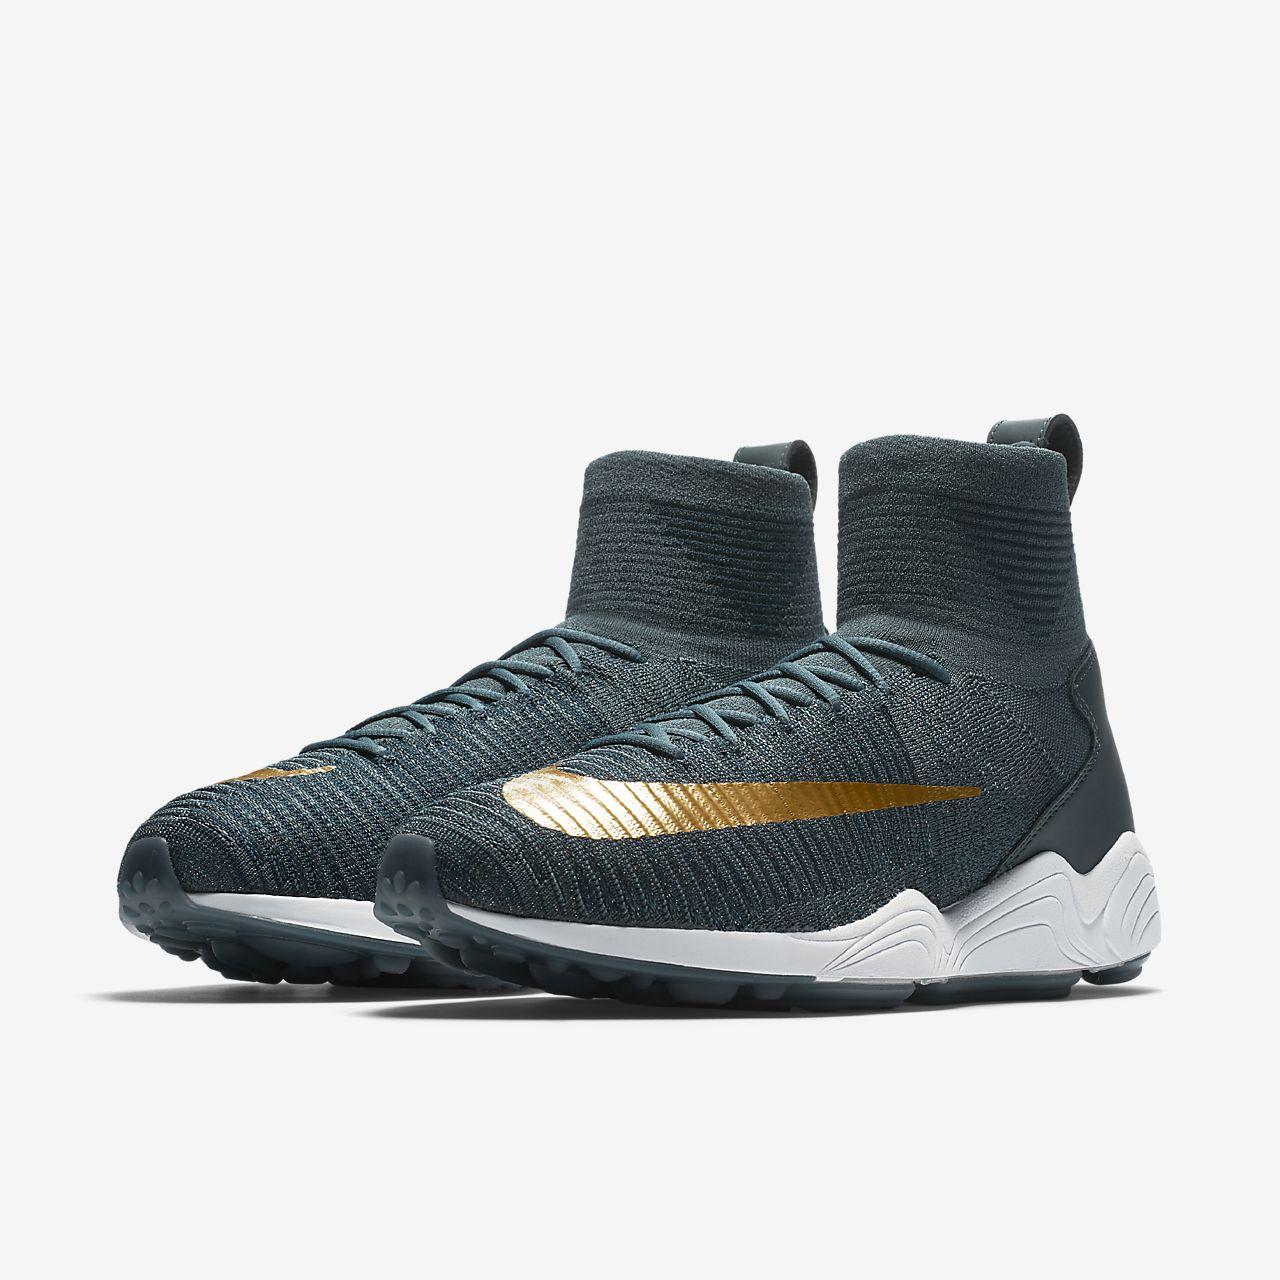 ... Nike Zoom Mercurial Flyknit Men's Shoe